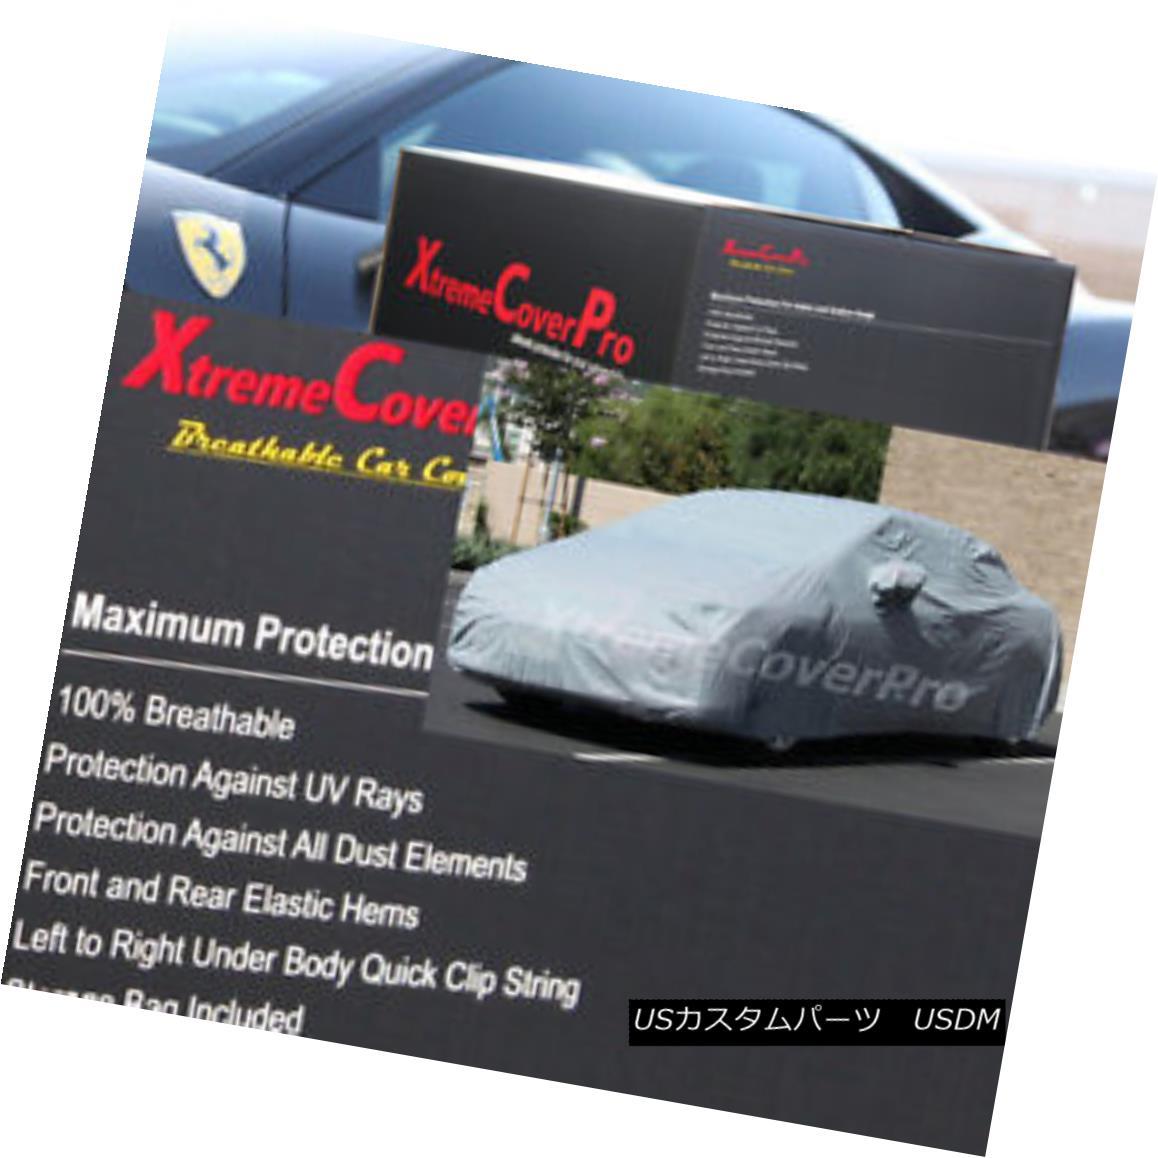 カーカバー 1988 1989 1990 Cadillac Allante Breathable Car Cover w/MirrorPocket 1988年1989年1990年キャデラック・アランテ通気性車カバー付きMirrorPocket